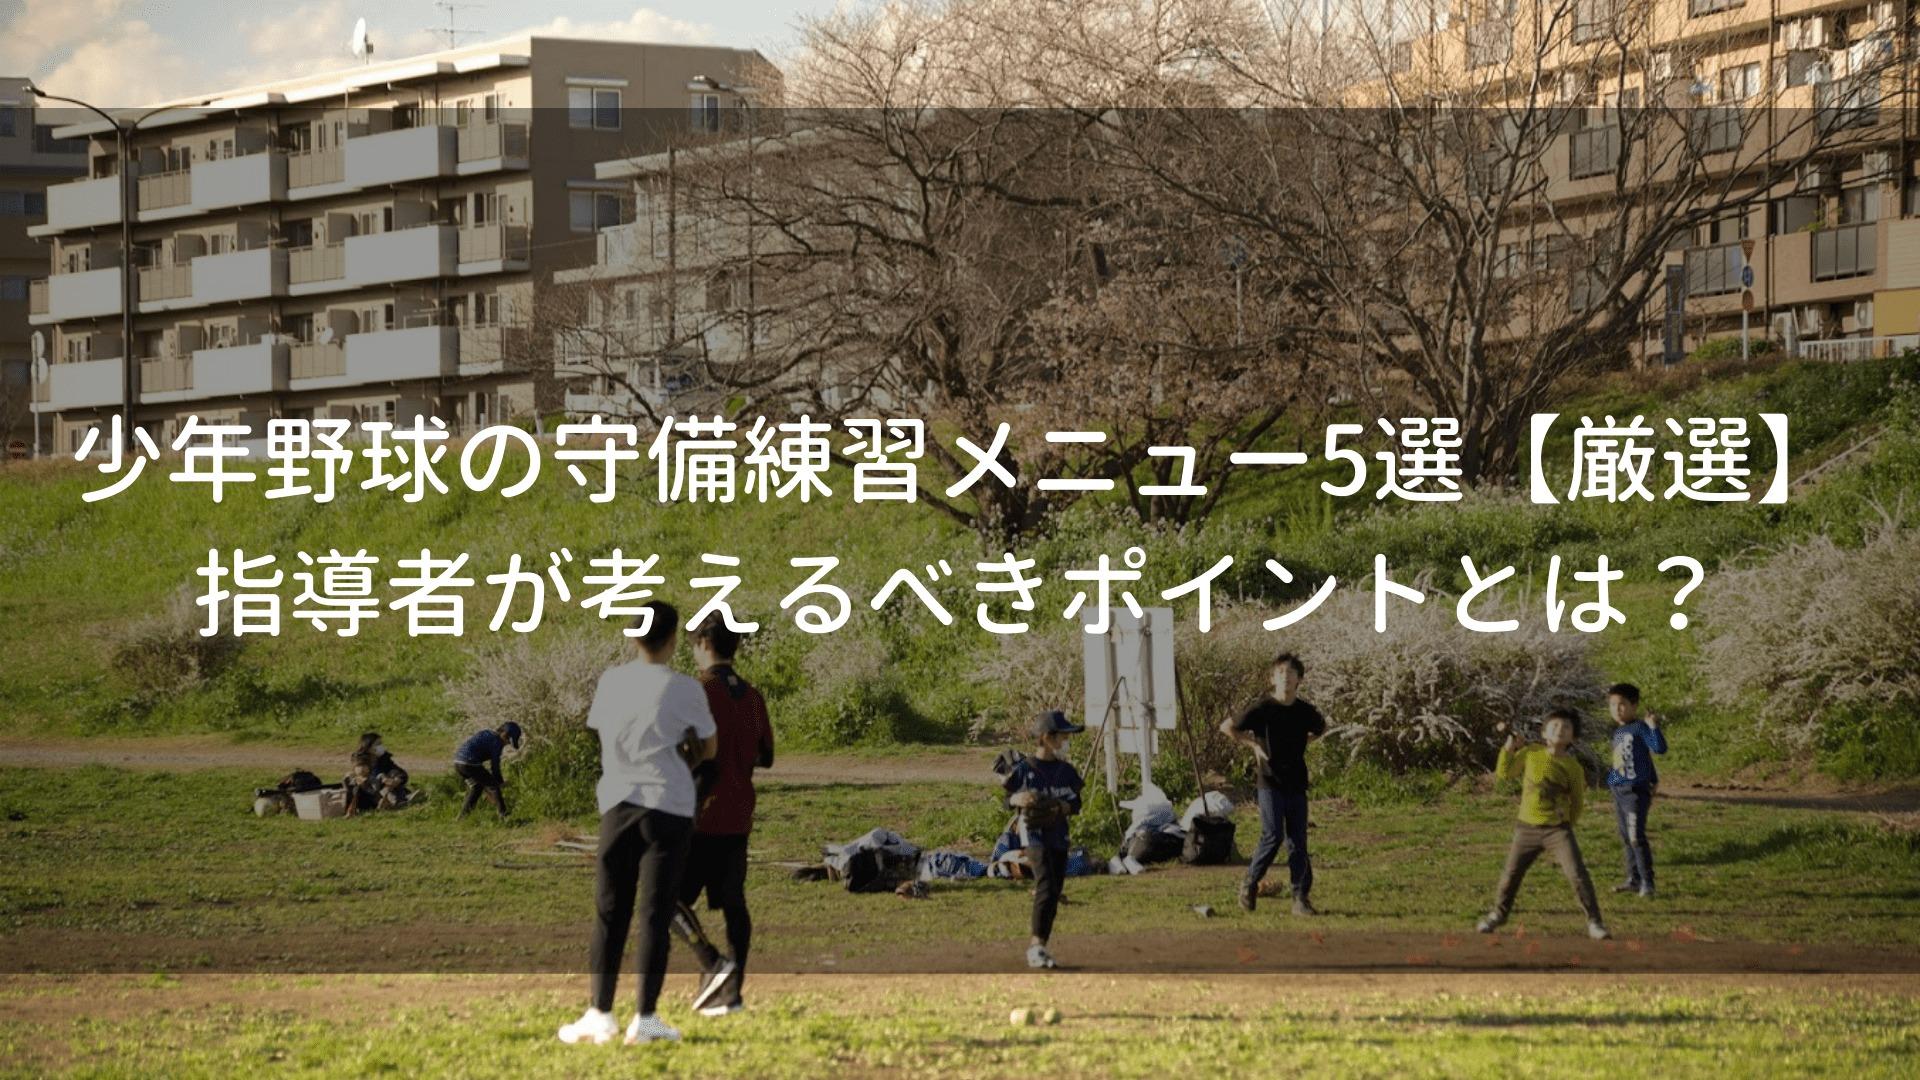 少年野球の守備練習メニュー5選【厳選】指導者が考えるべきポイントとは?のアイキャッチ